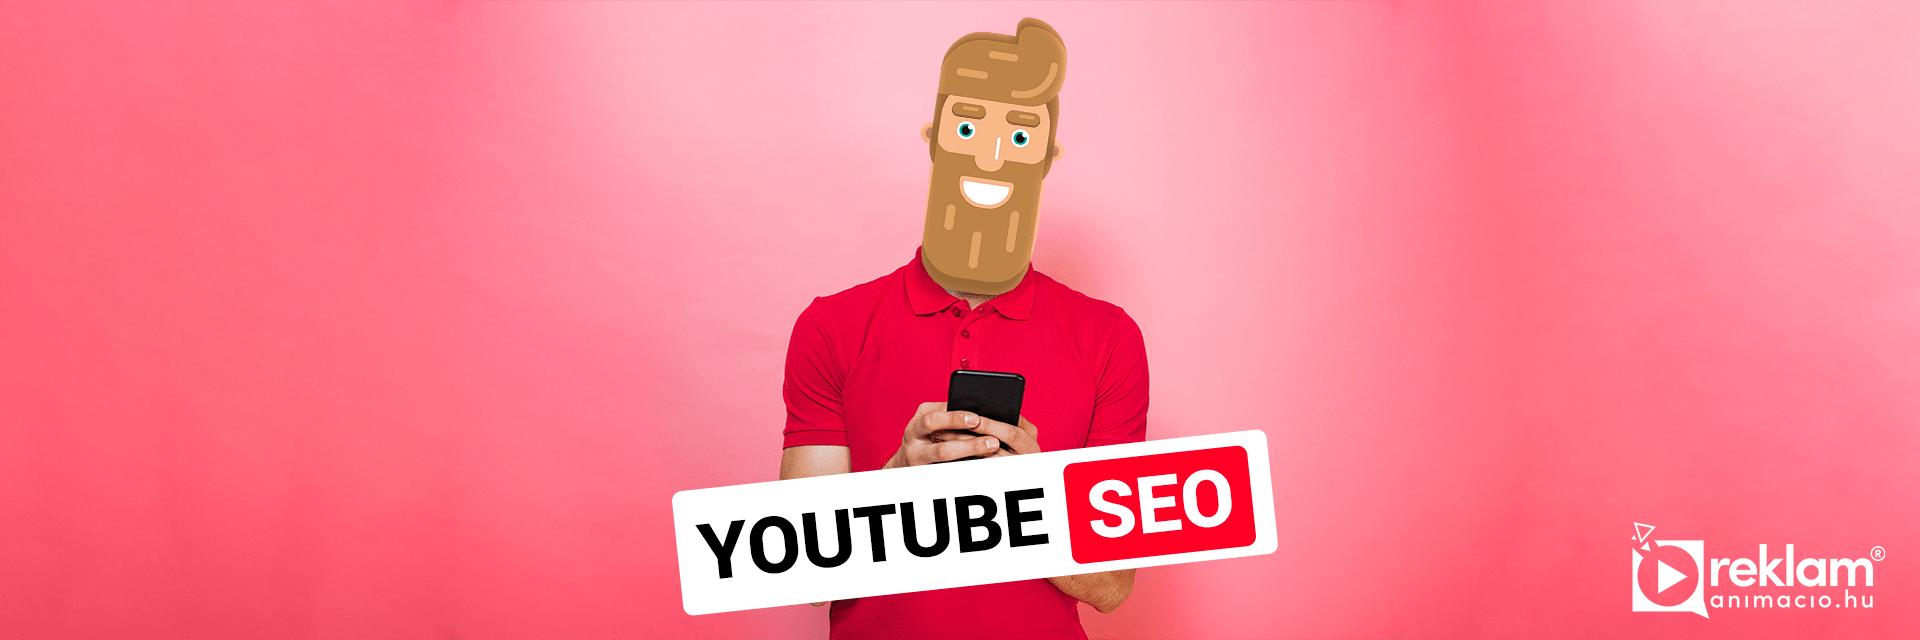 Miért éri meg a YouTube SEO, és hogyan kerülhetsz a TOP 3-ba